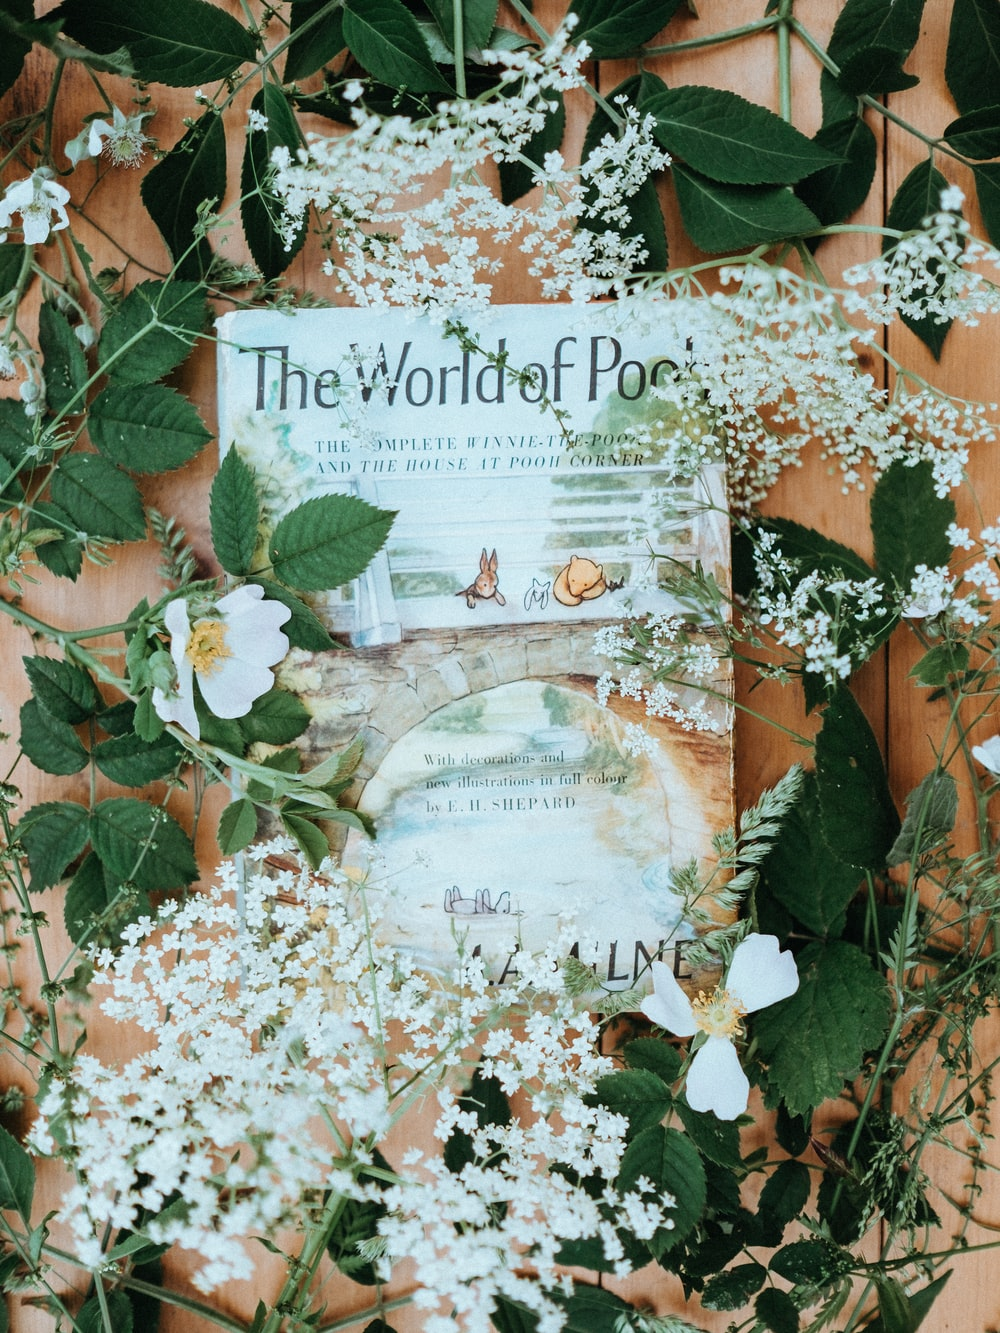 white petaled flower lot on book